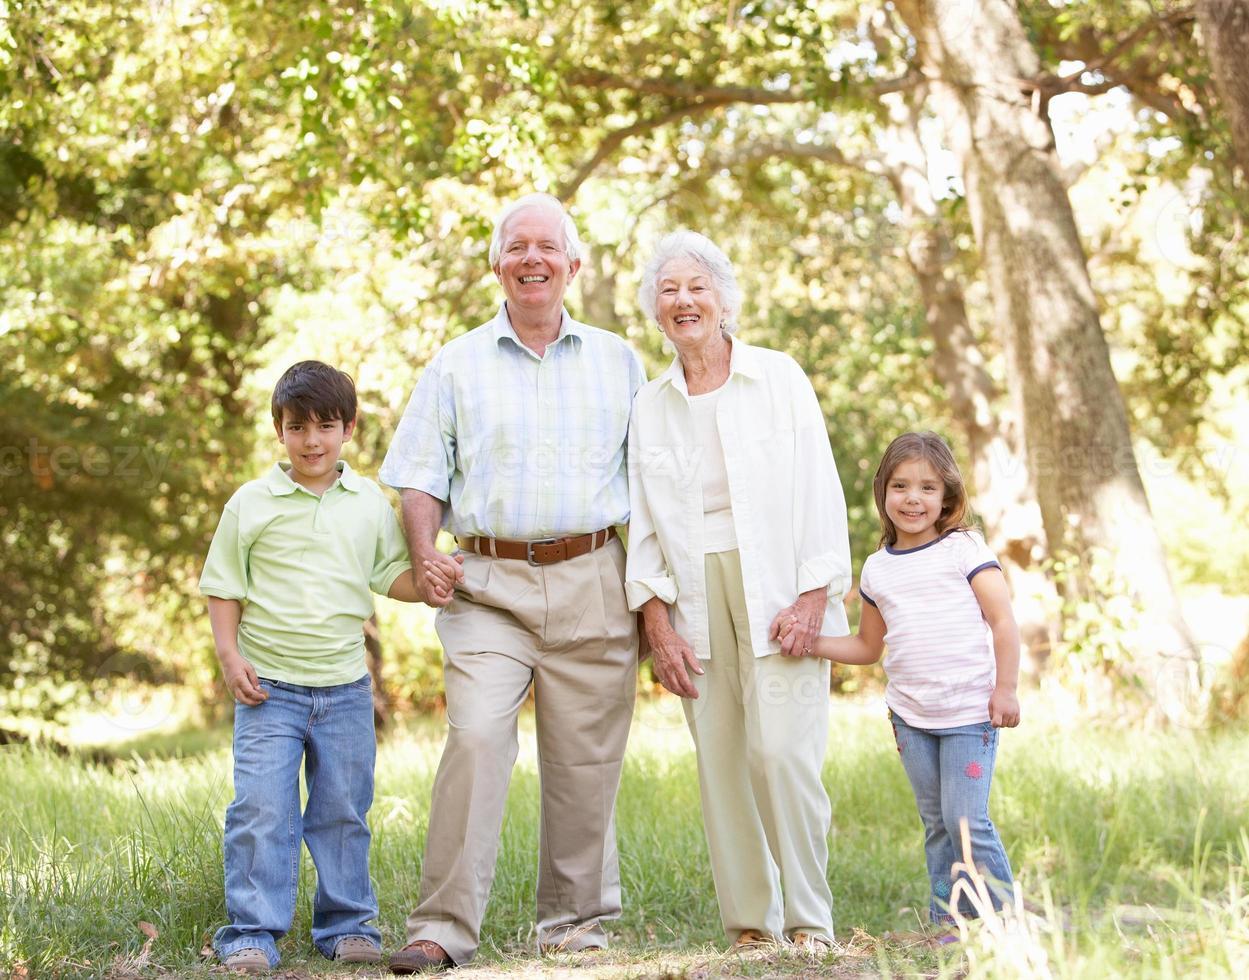 grootouders in park met kleinkinderen foto